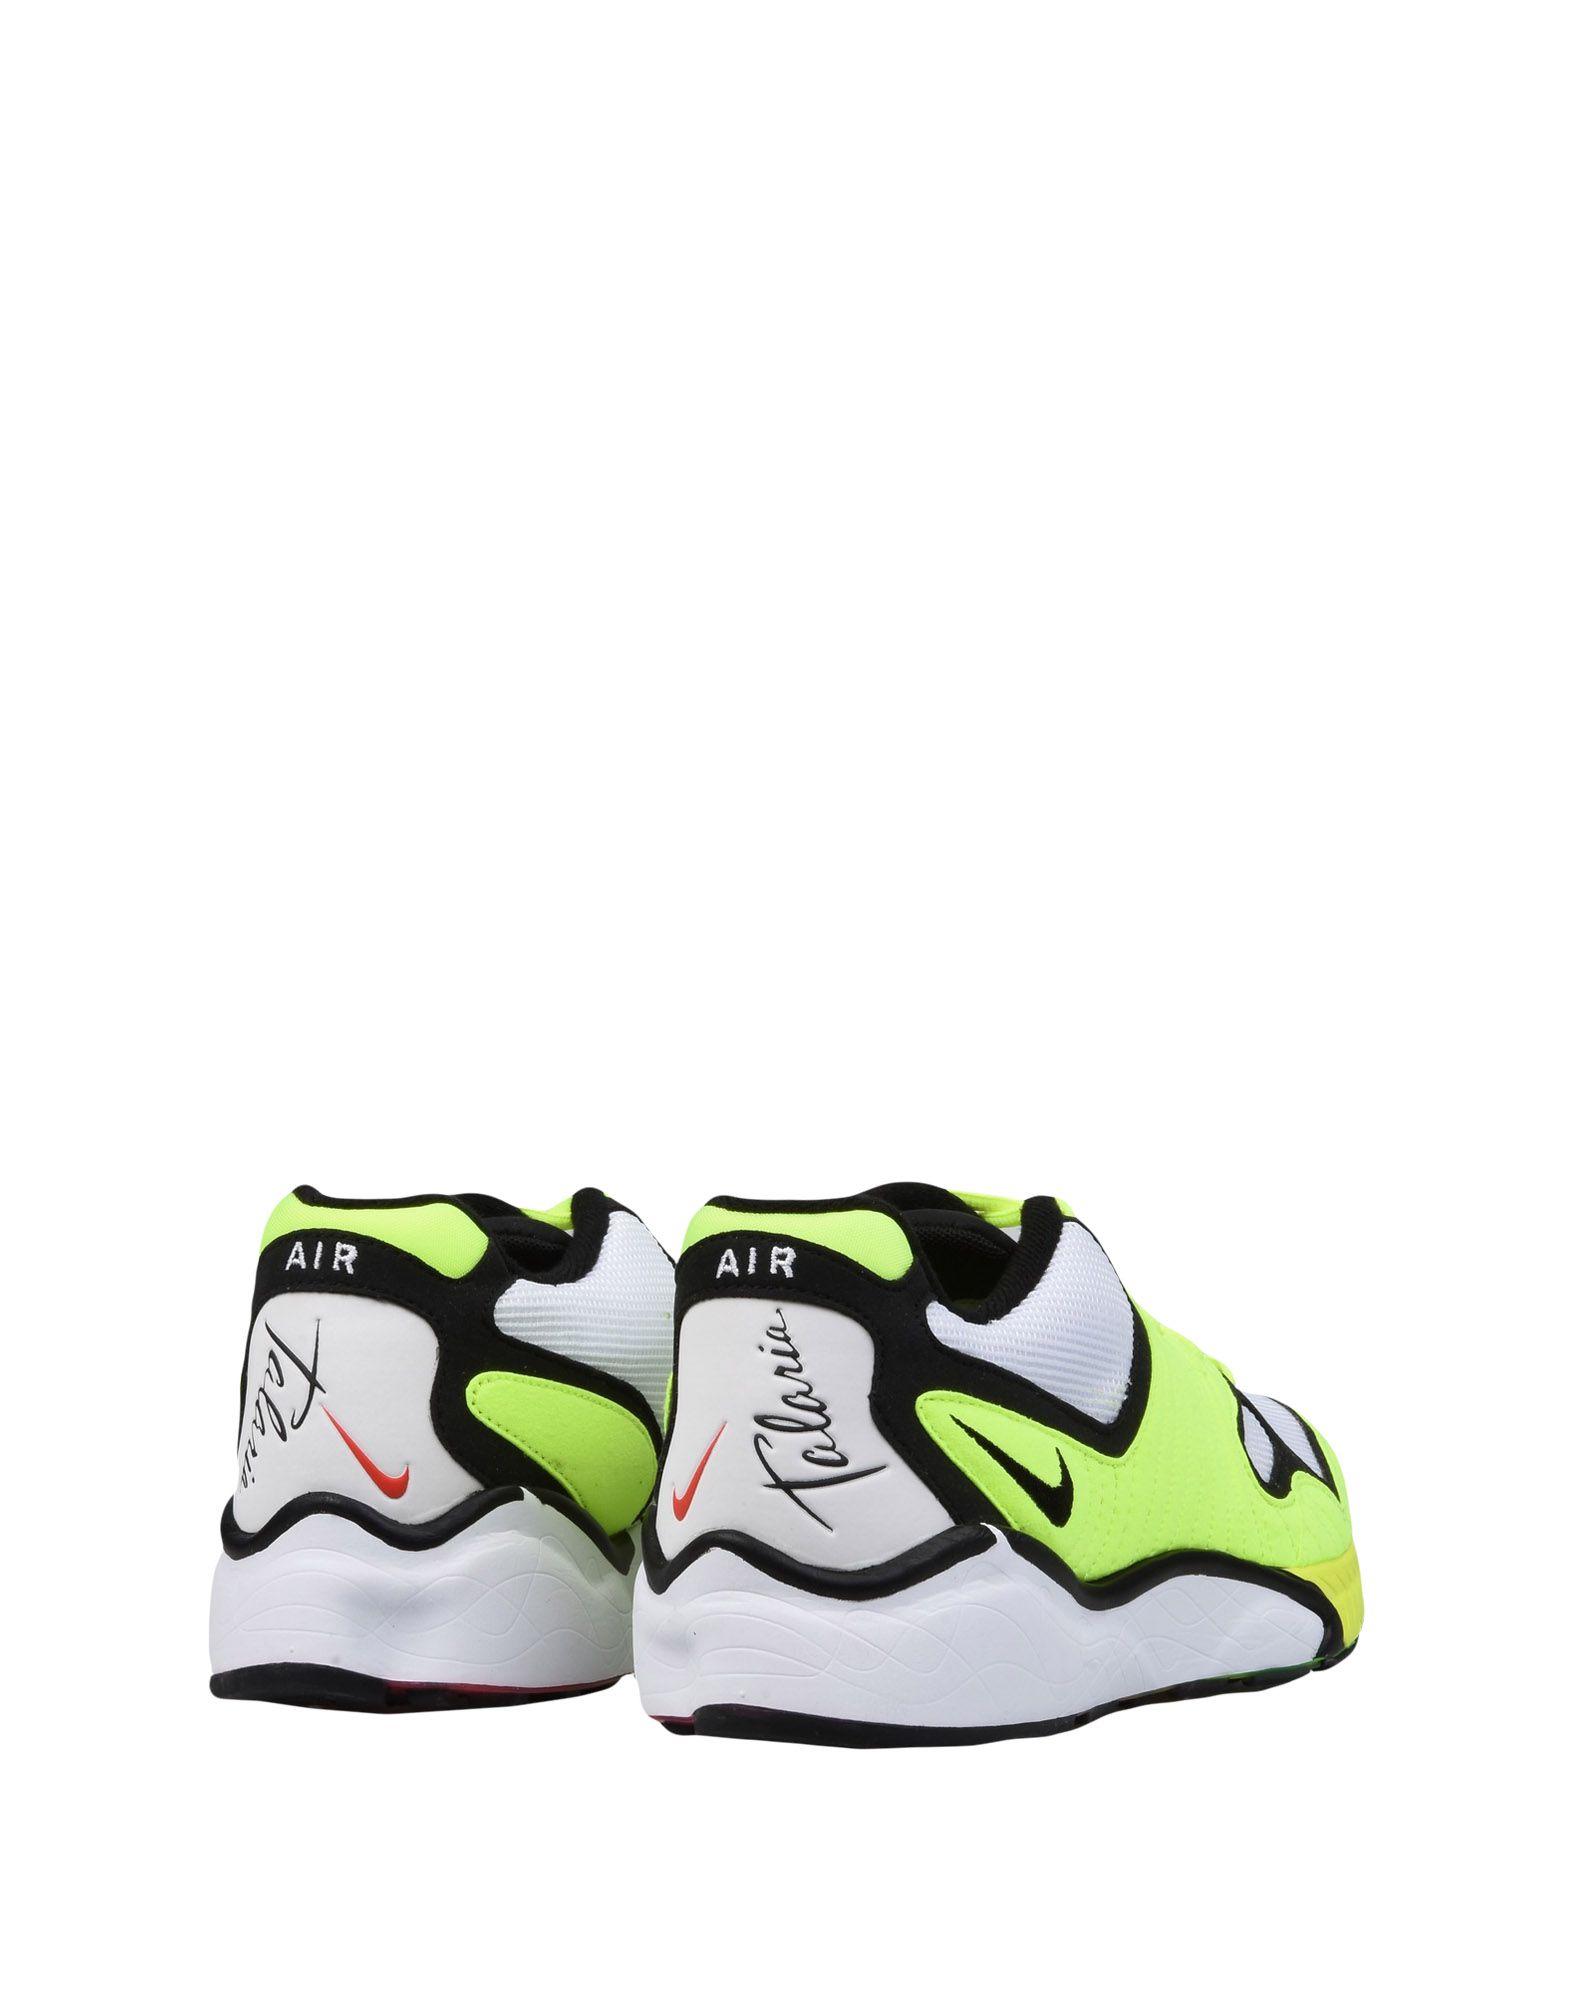 Sneakers Nike Air Zoom Talaria 16 - Homme - Sneakers Nike sur